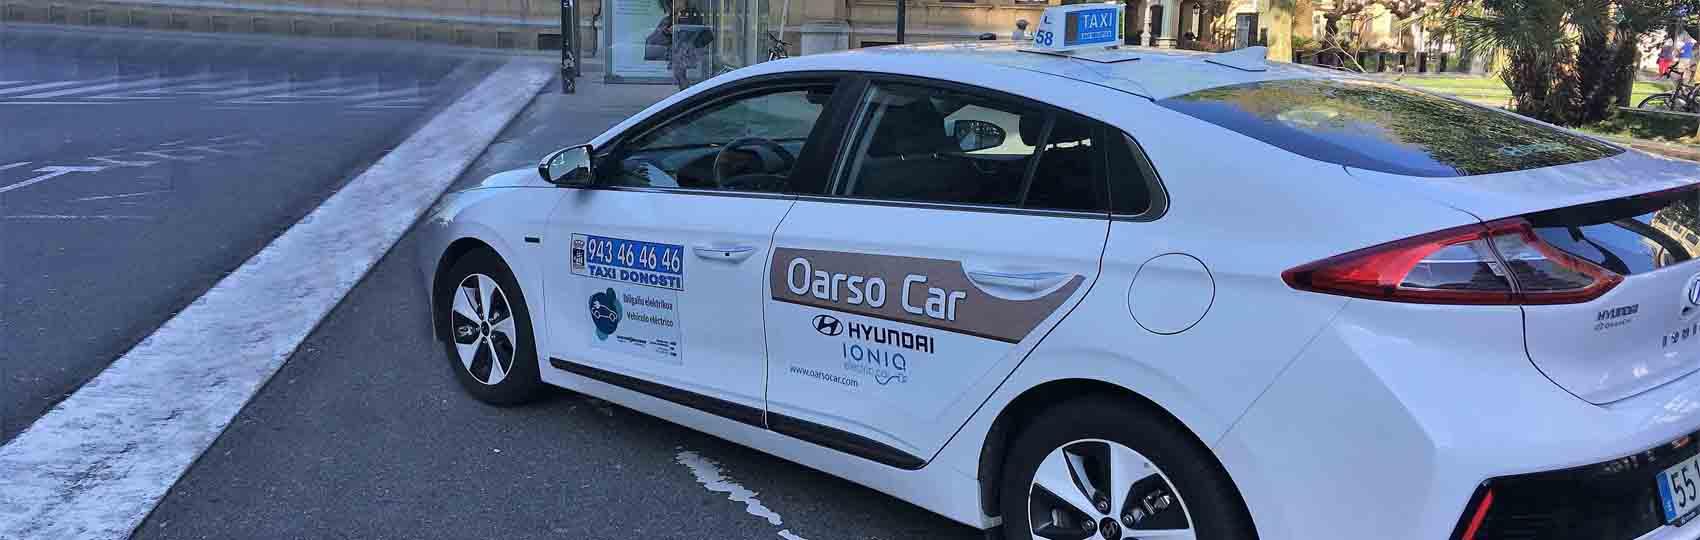 Noticias del sector del taxi y la movilidad en Taxi Gipuzkoa. Mantente informado de todas las noticias del taxi de Taxi Gipuzkoa en el grupo de Facebook de Todo Taxi.